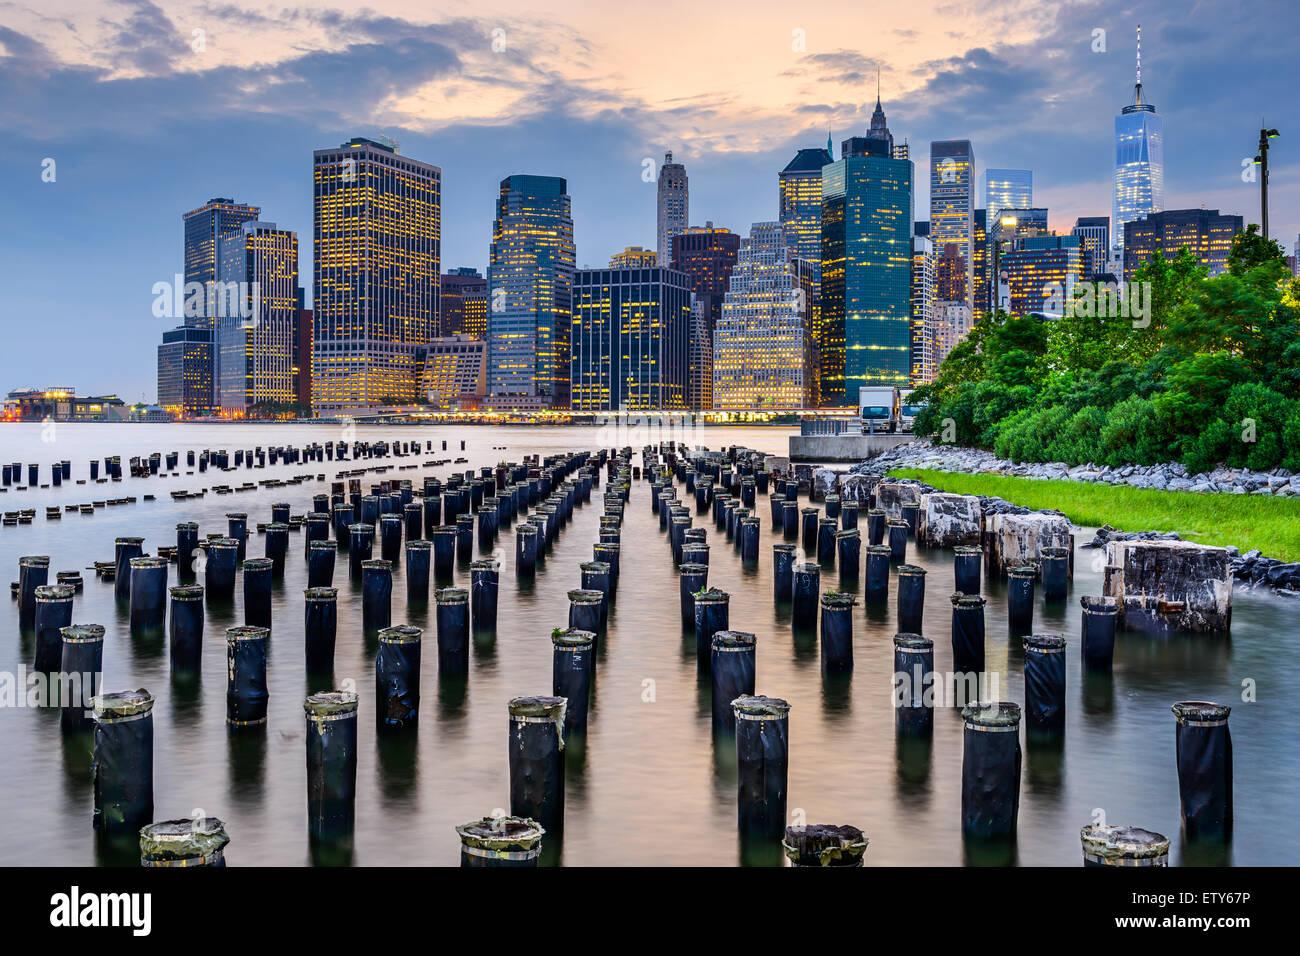 La Ciudad de Nueva York, EE.UU. ciudad en el East River. Imagen De Stock